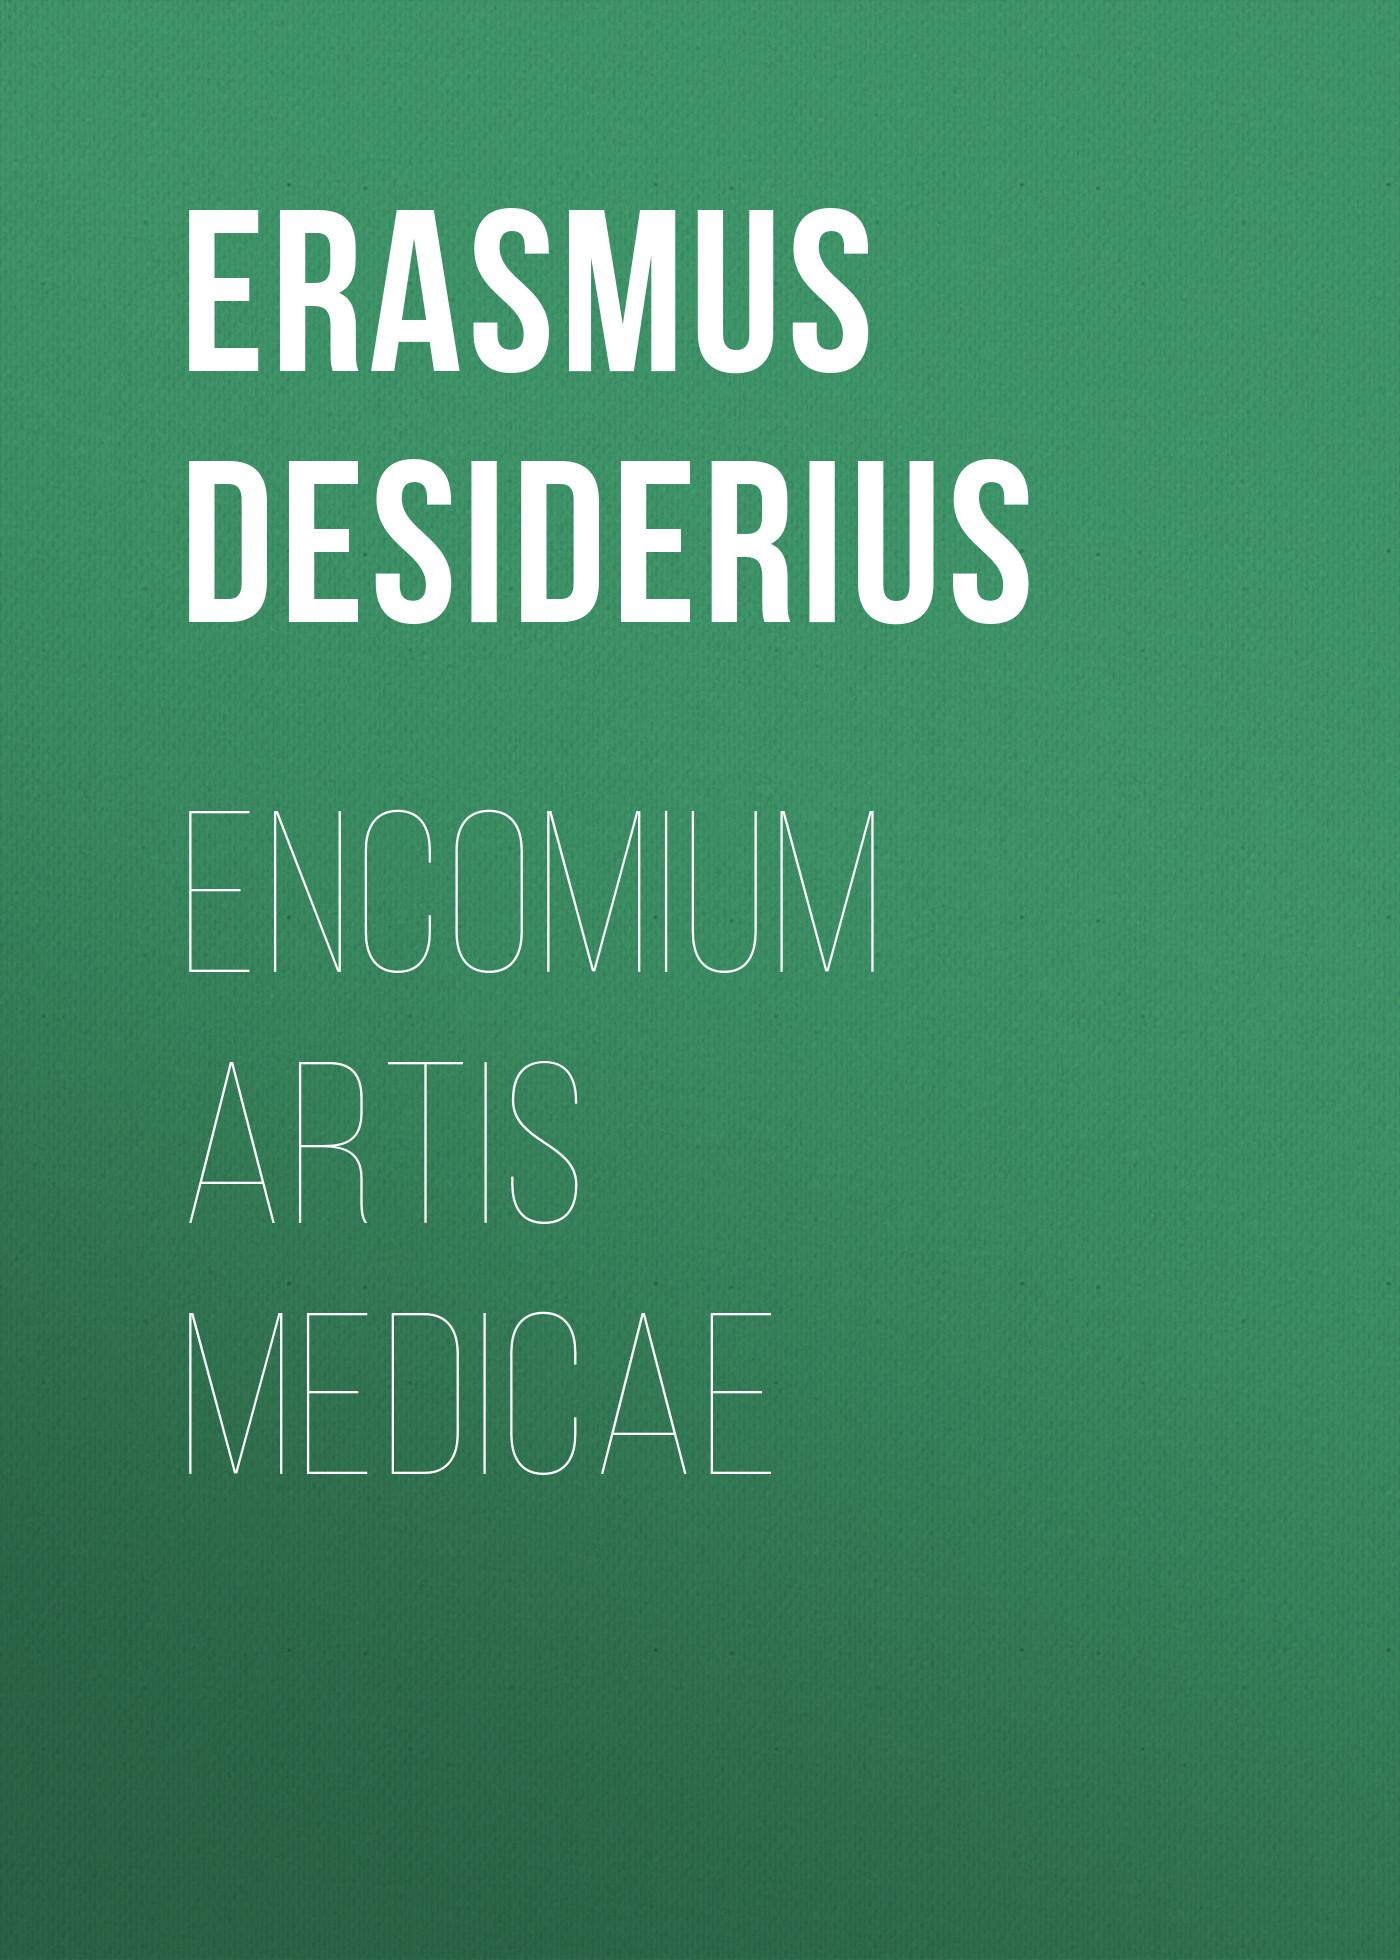 Erasmus Desiderius Encomium artis medicae rubineta artis 18